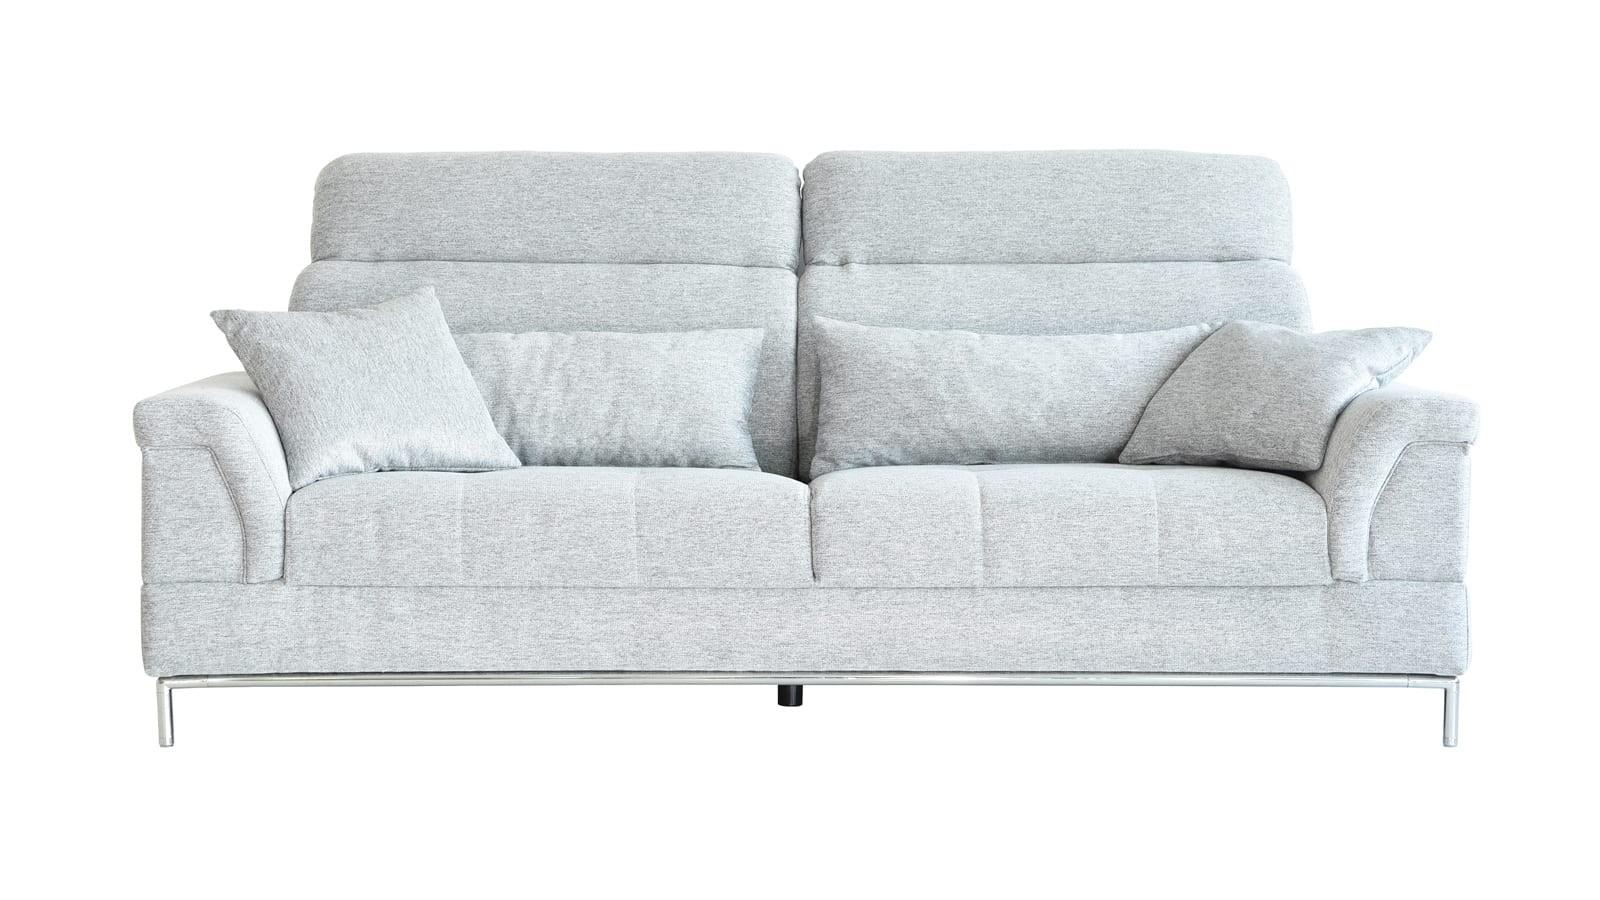 Canapé 3 places avec têtière en tissu gris clair